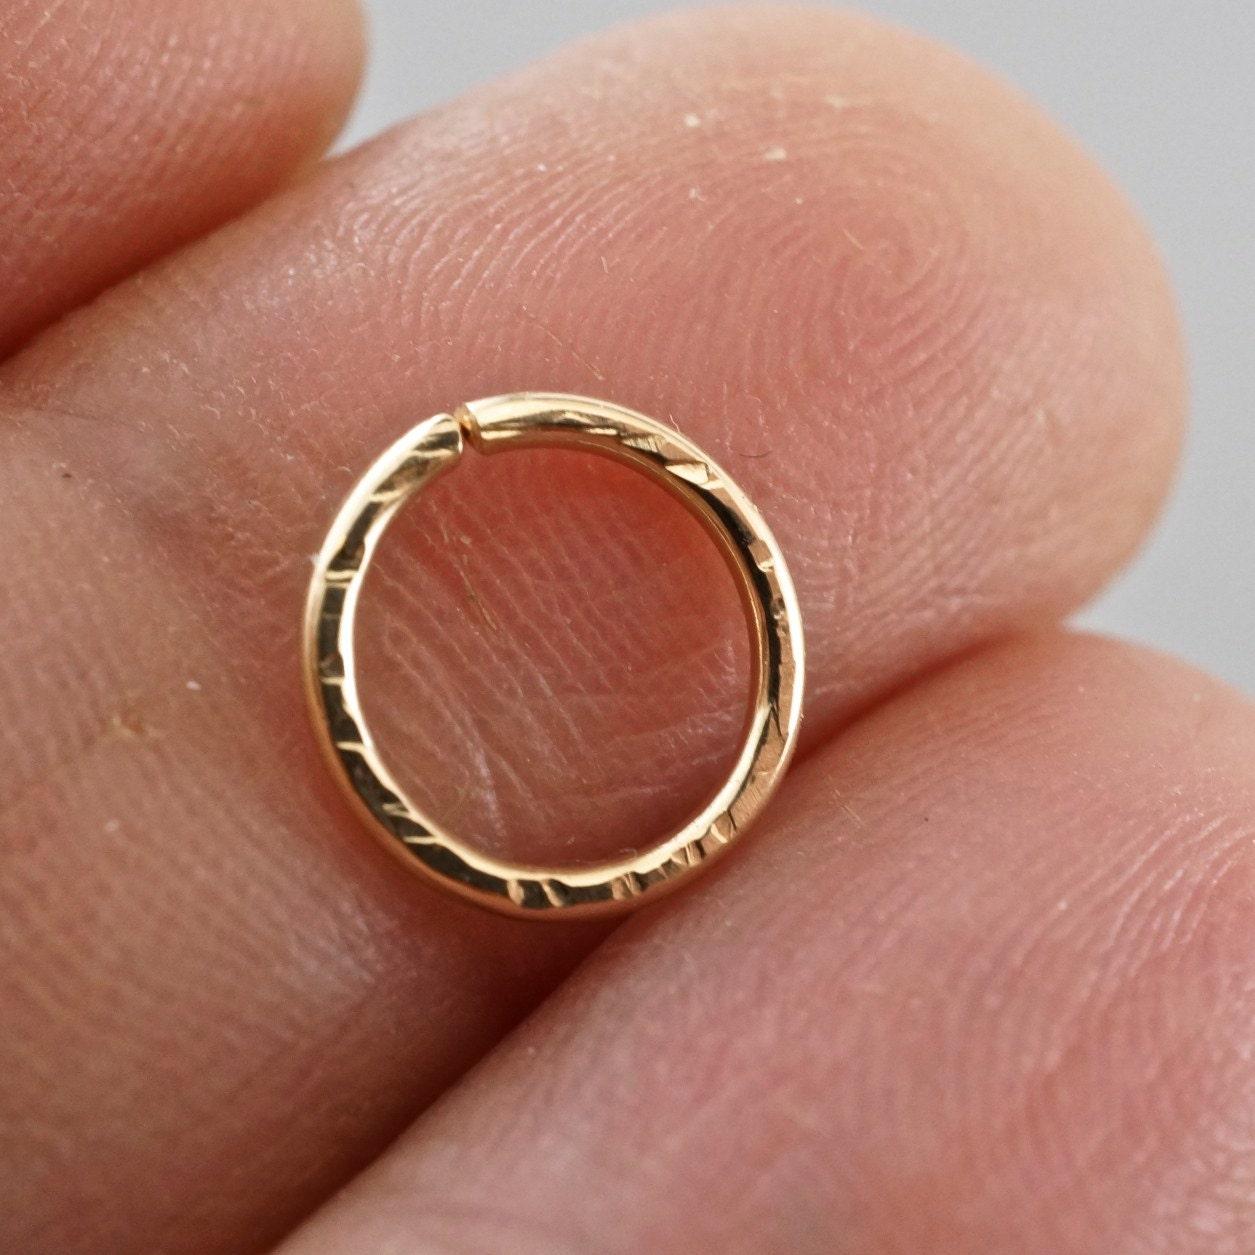 Cartilage hoop - SEPTUM RING - piercing hoop - endless hoop ...